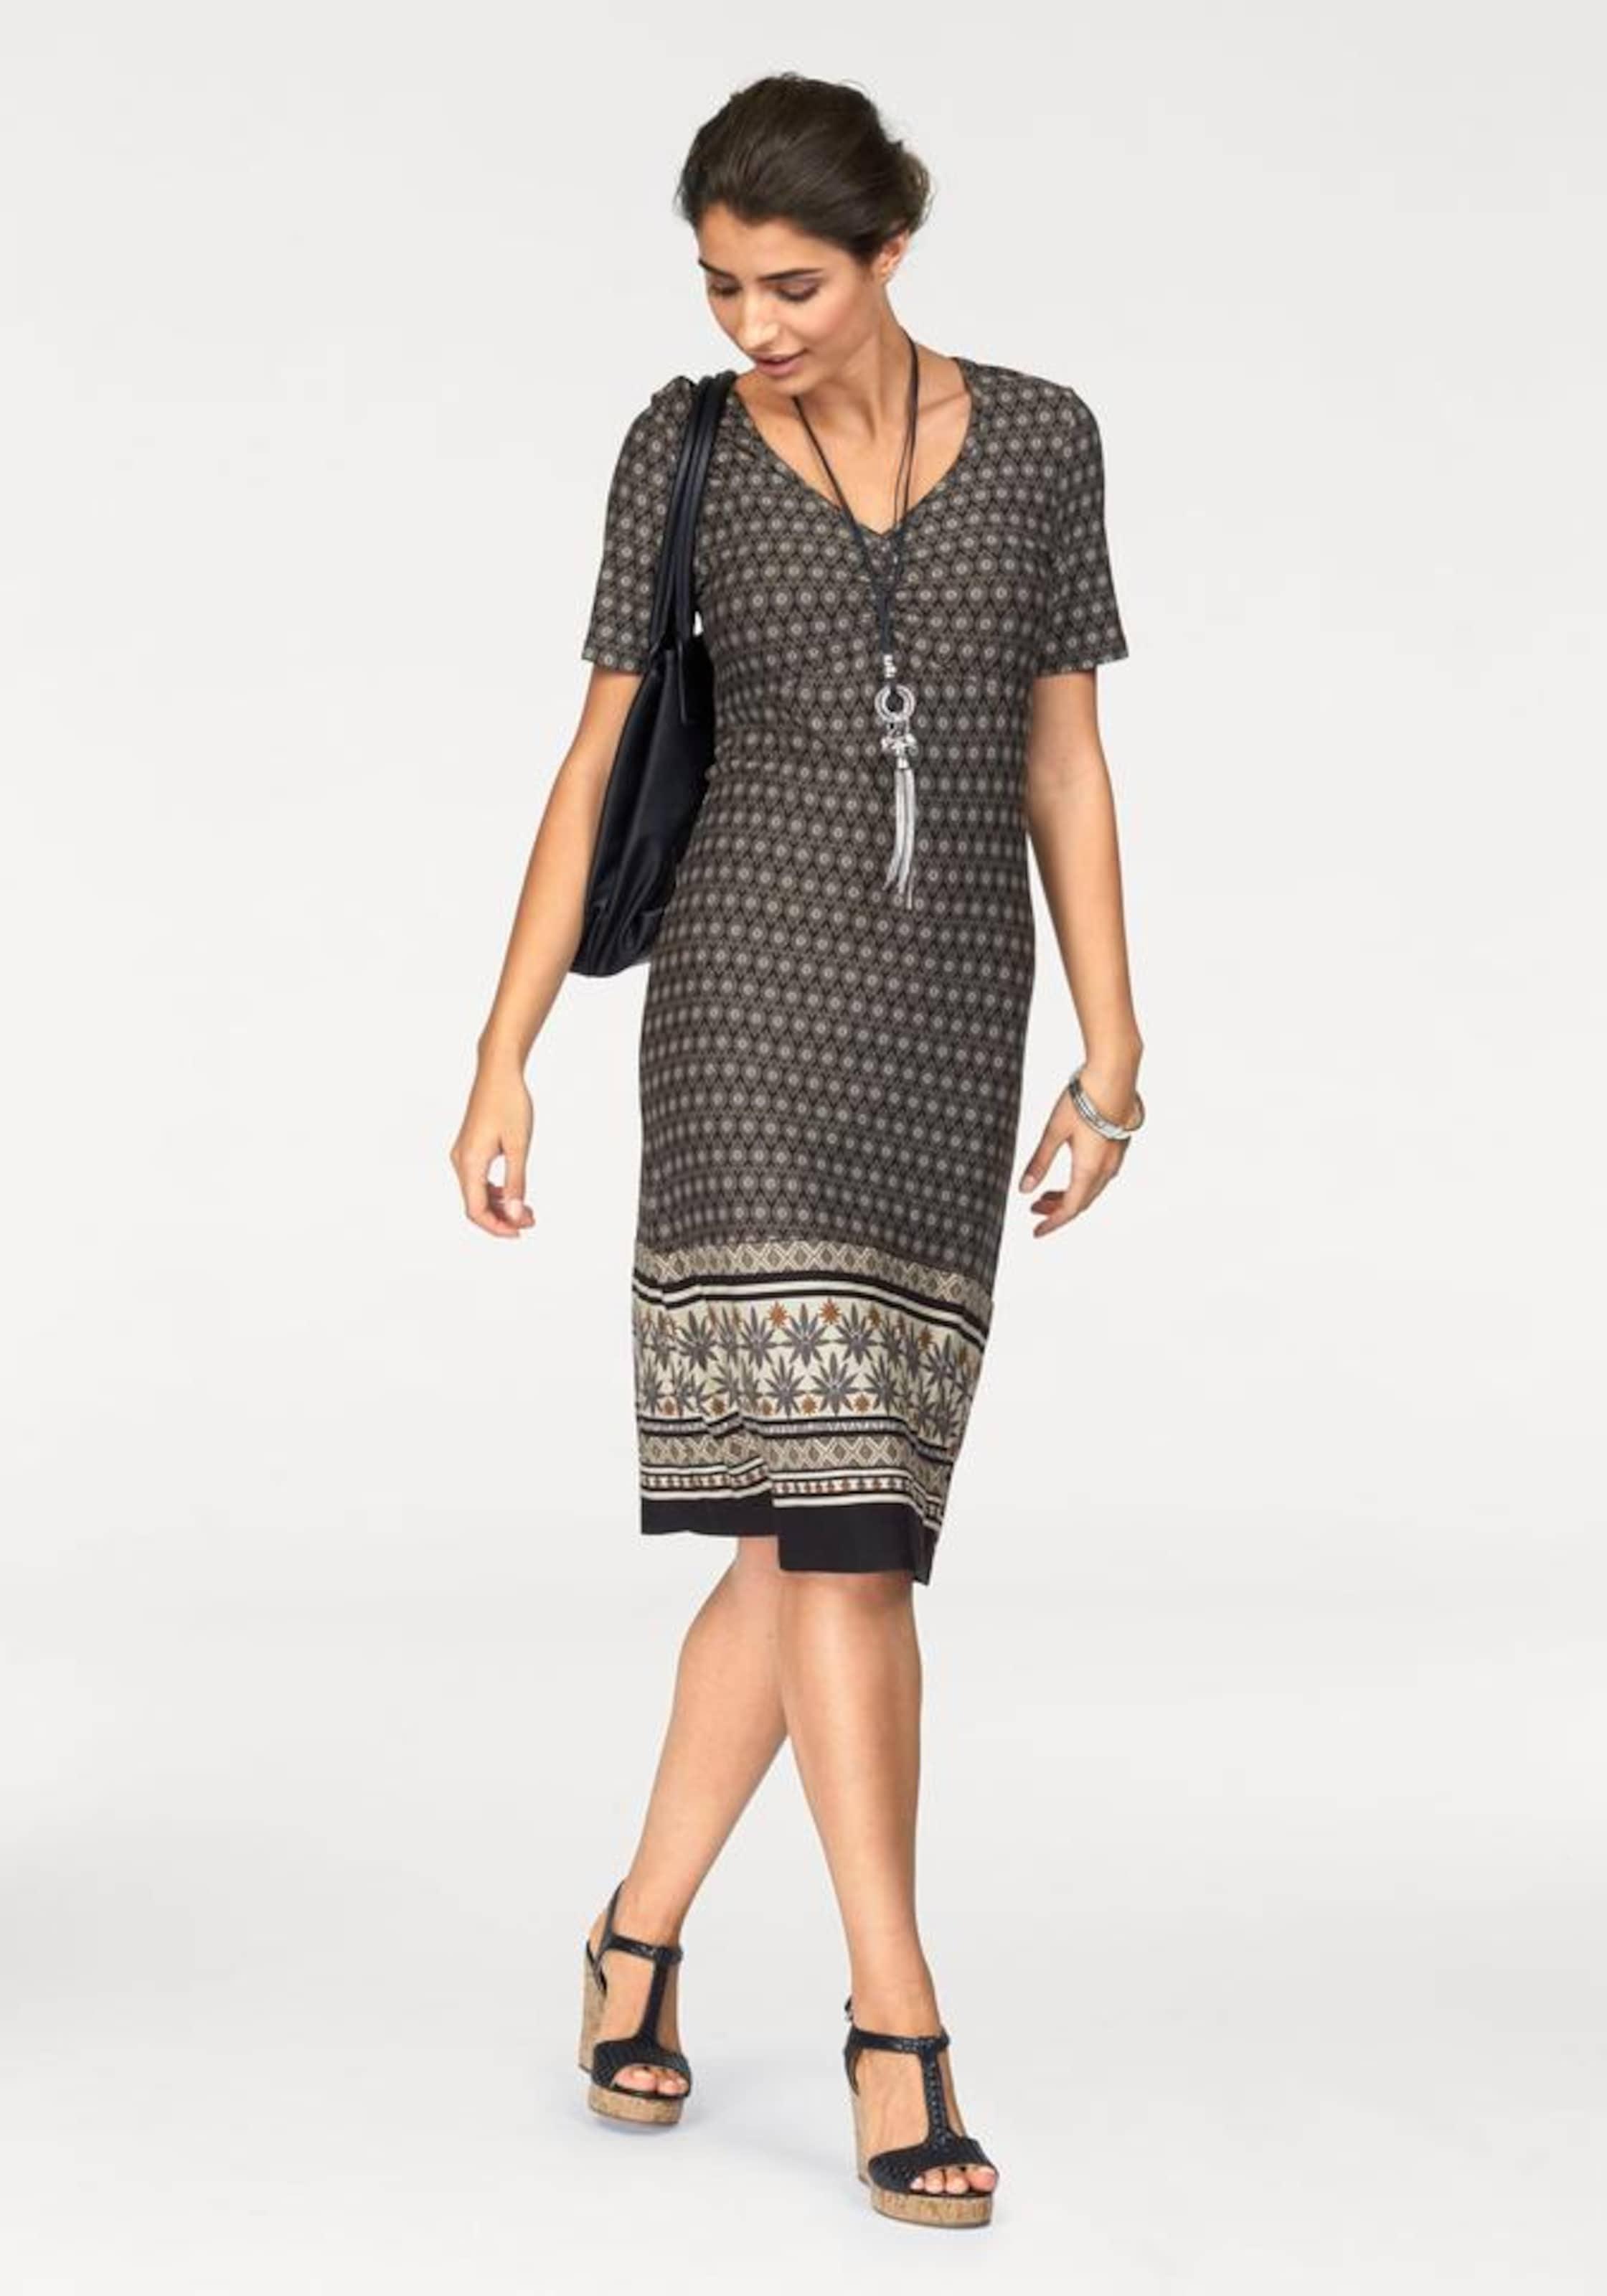 BOYSEN'S Jerseykleid Neu Günstige Online Ausgezeichnete Online-Verkauf J3vAnnQ